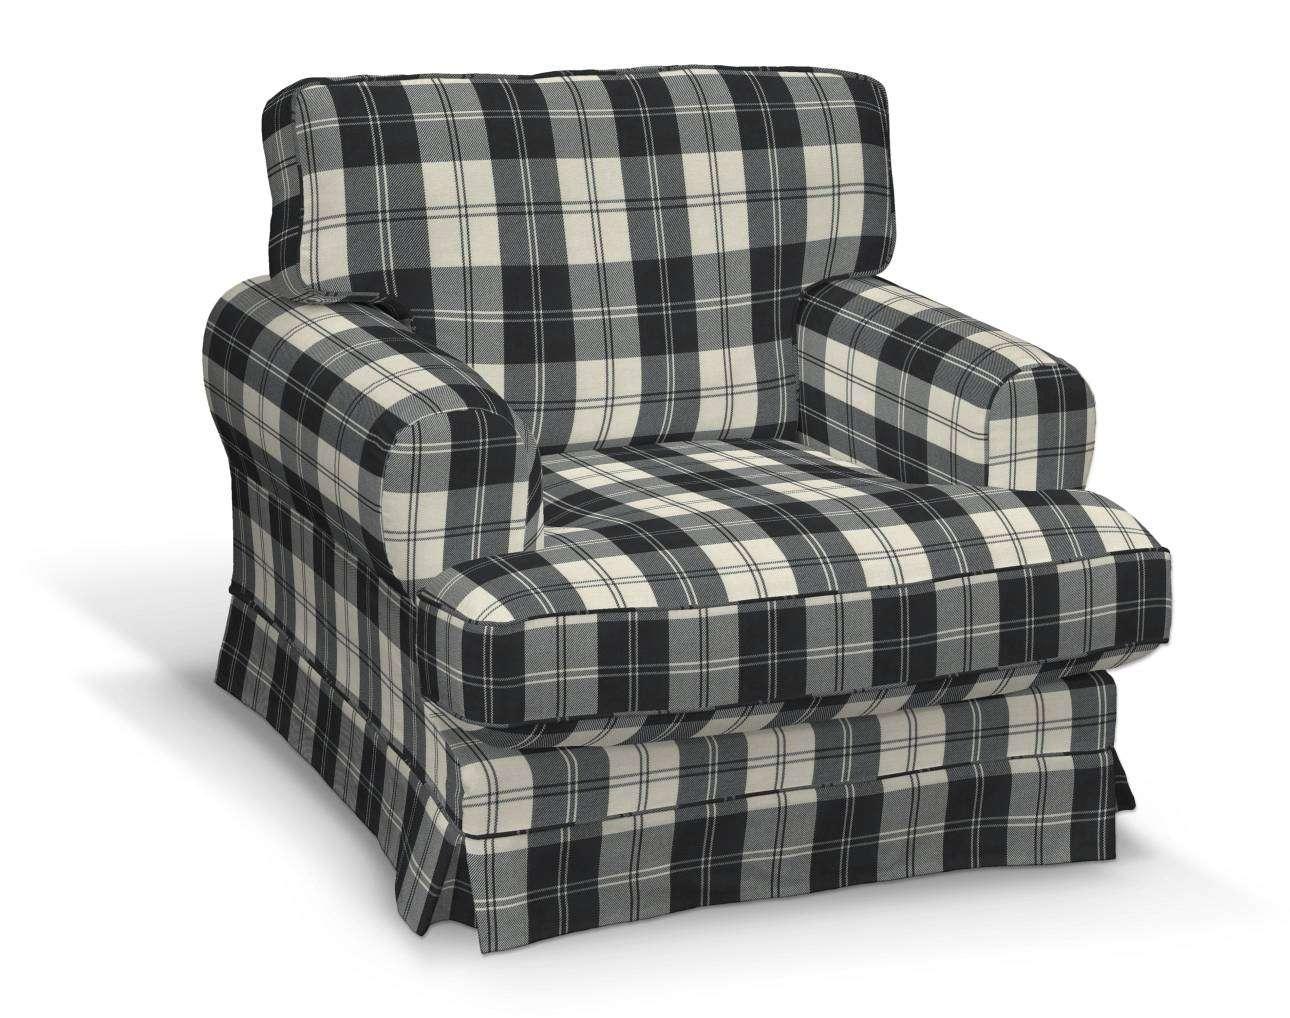 Pokrowiec na fotel Ekeskog w kolekcji Edinburgh, tkanina: 115-74